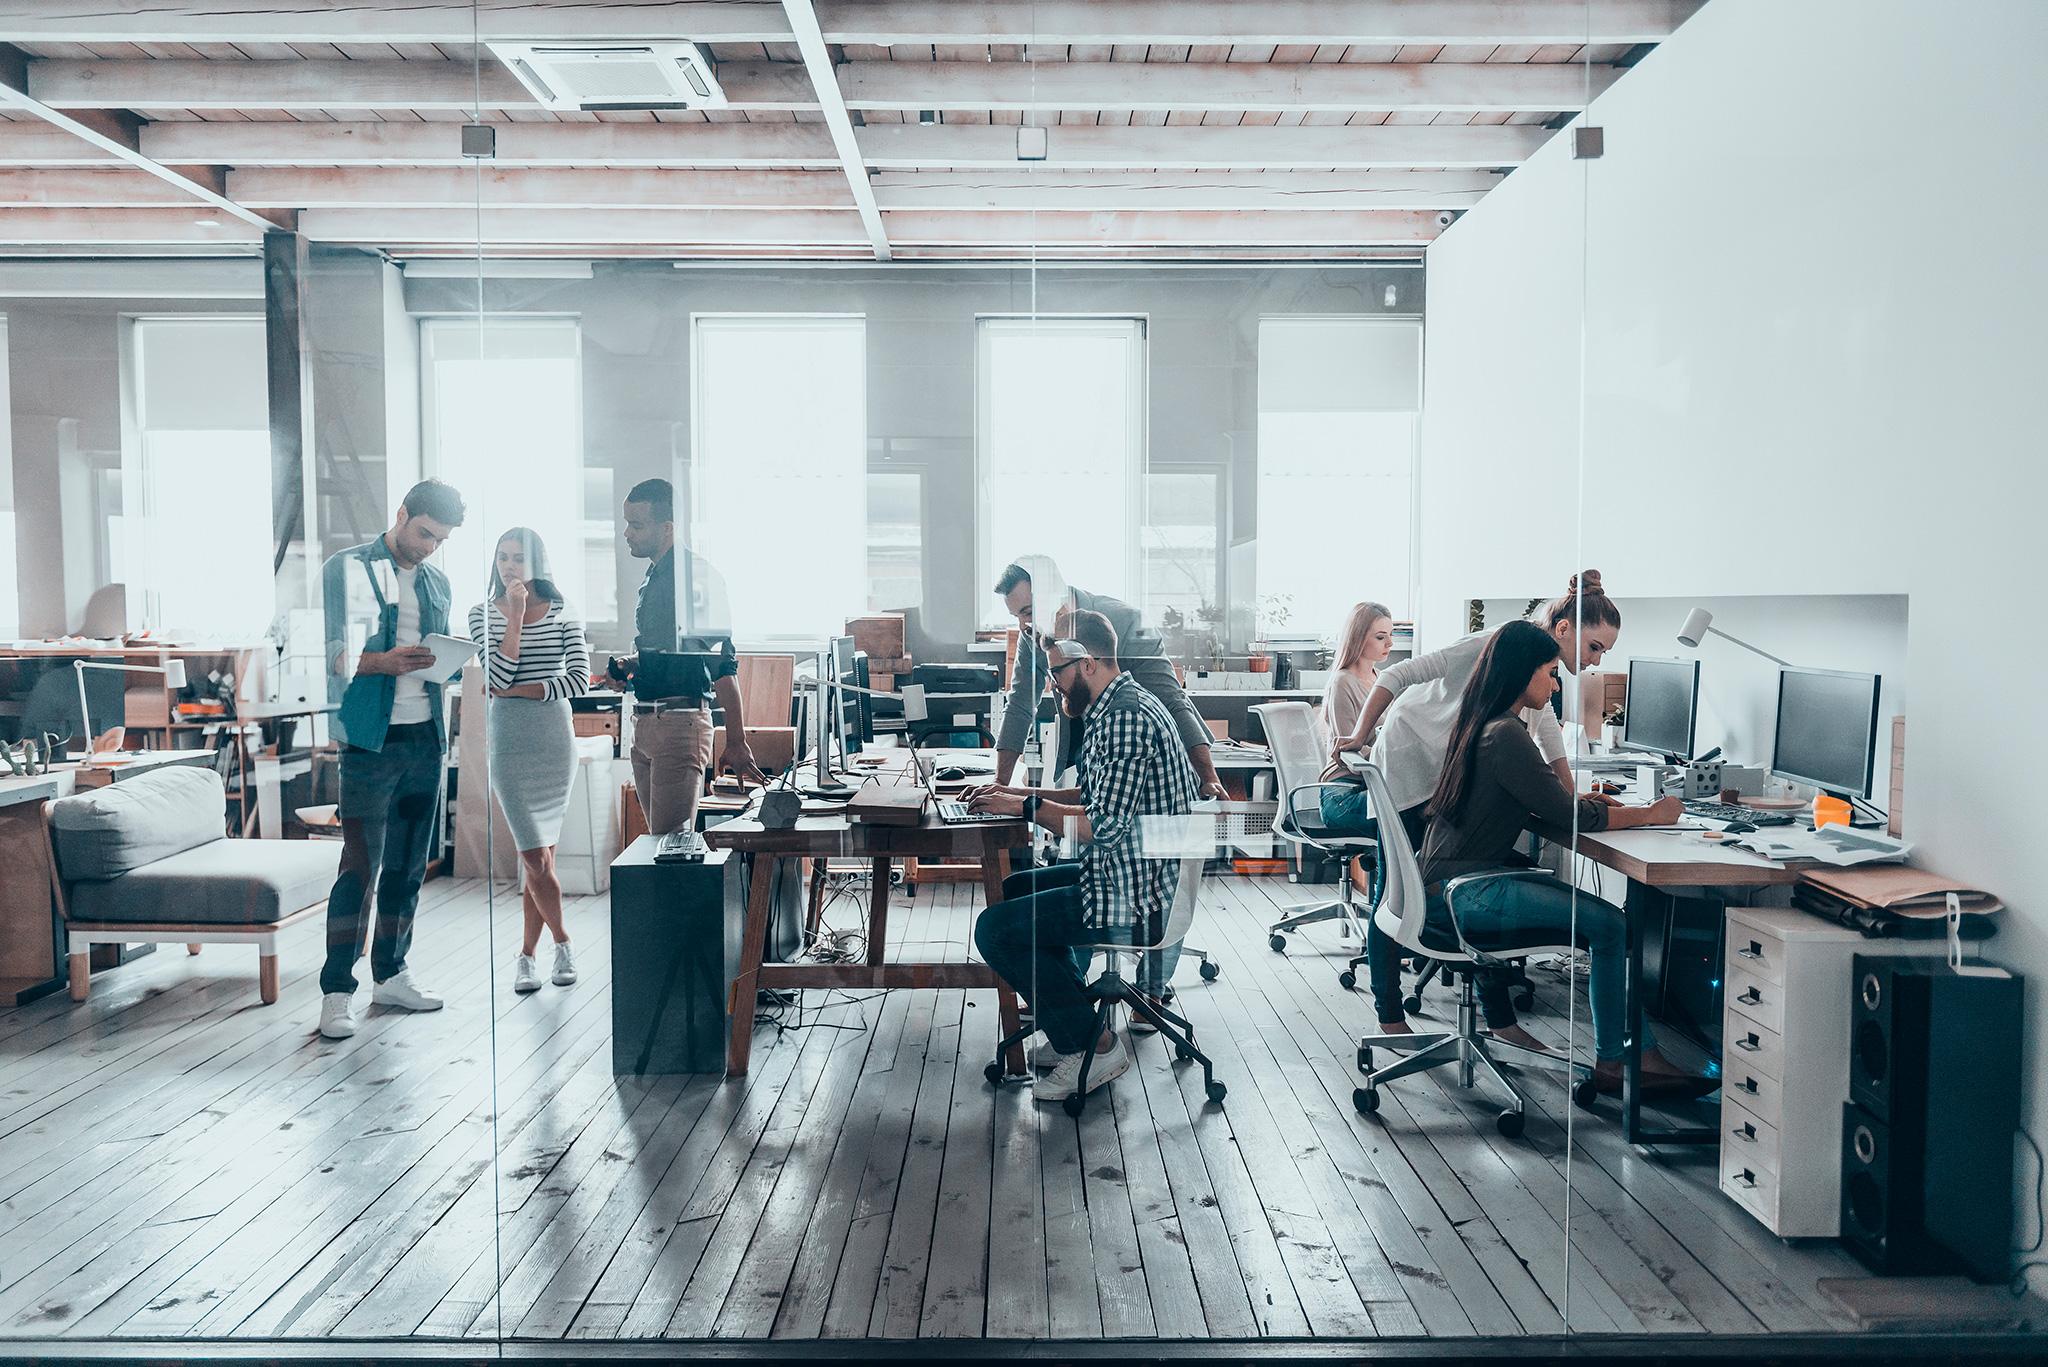 Trabajo a Distancia: ¿oportunidad o amenaza?